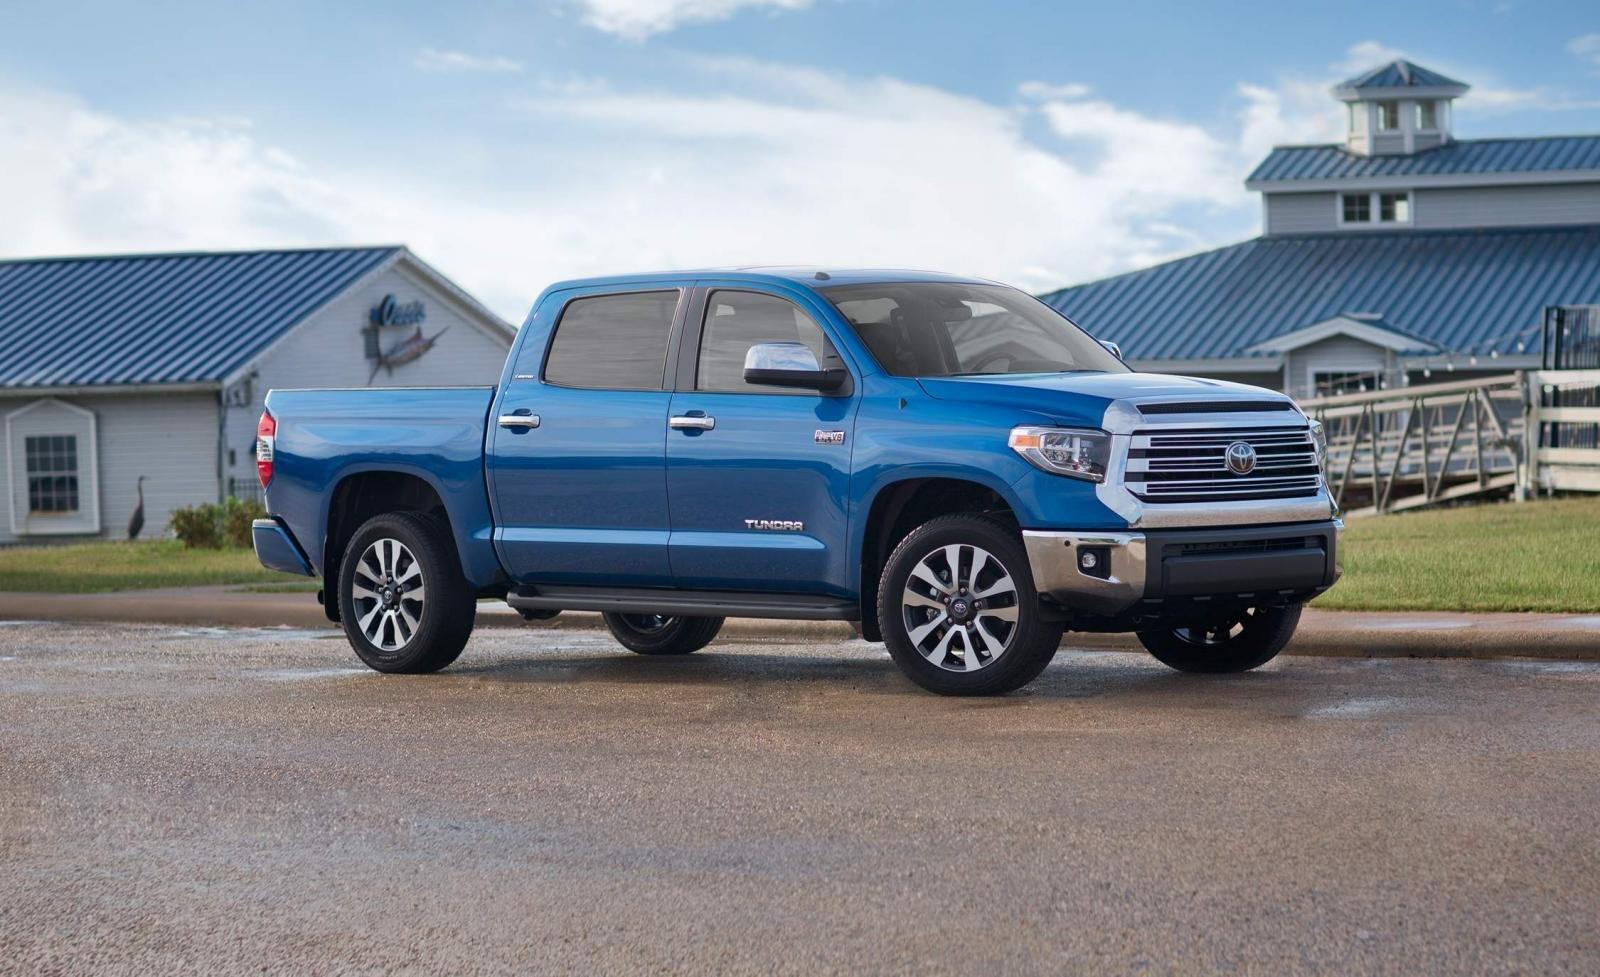 bán tải Toyota Tundra màu xanh